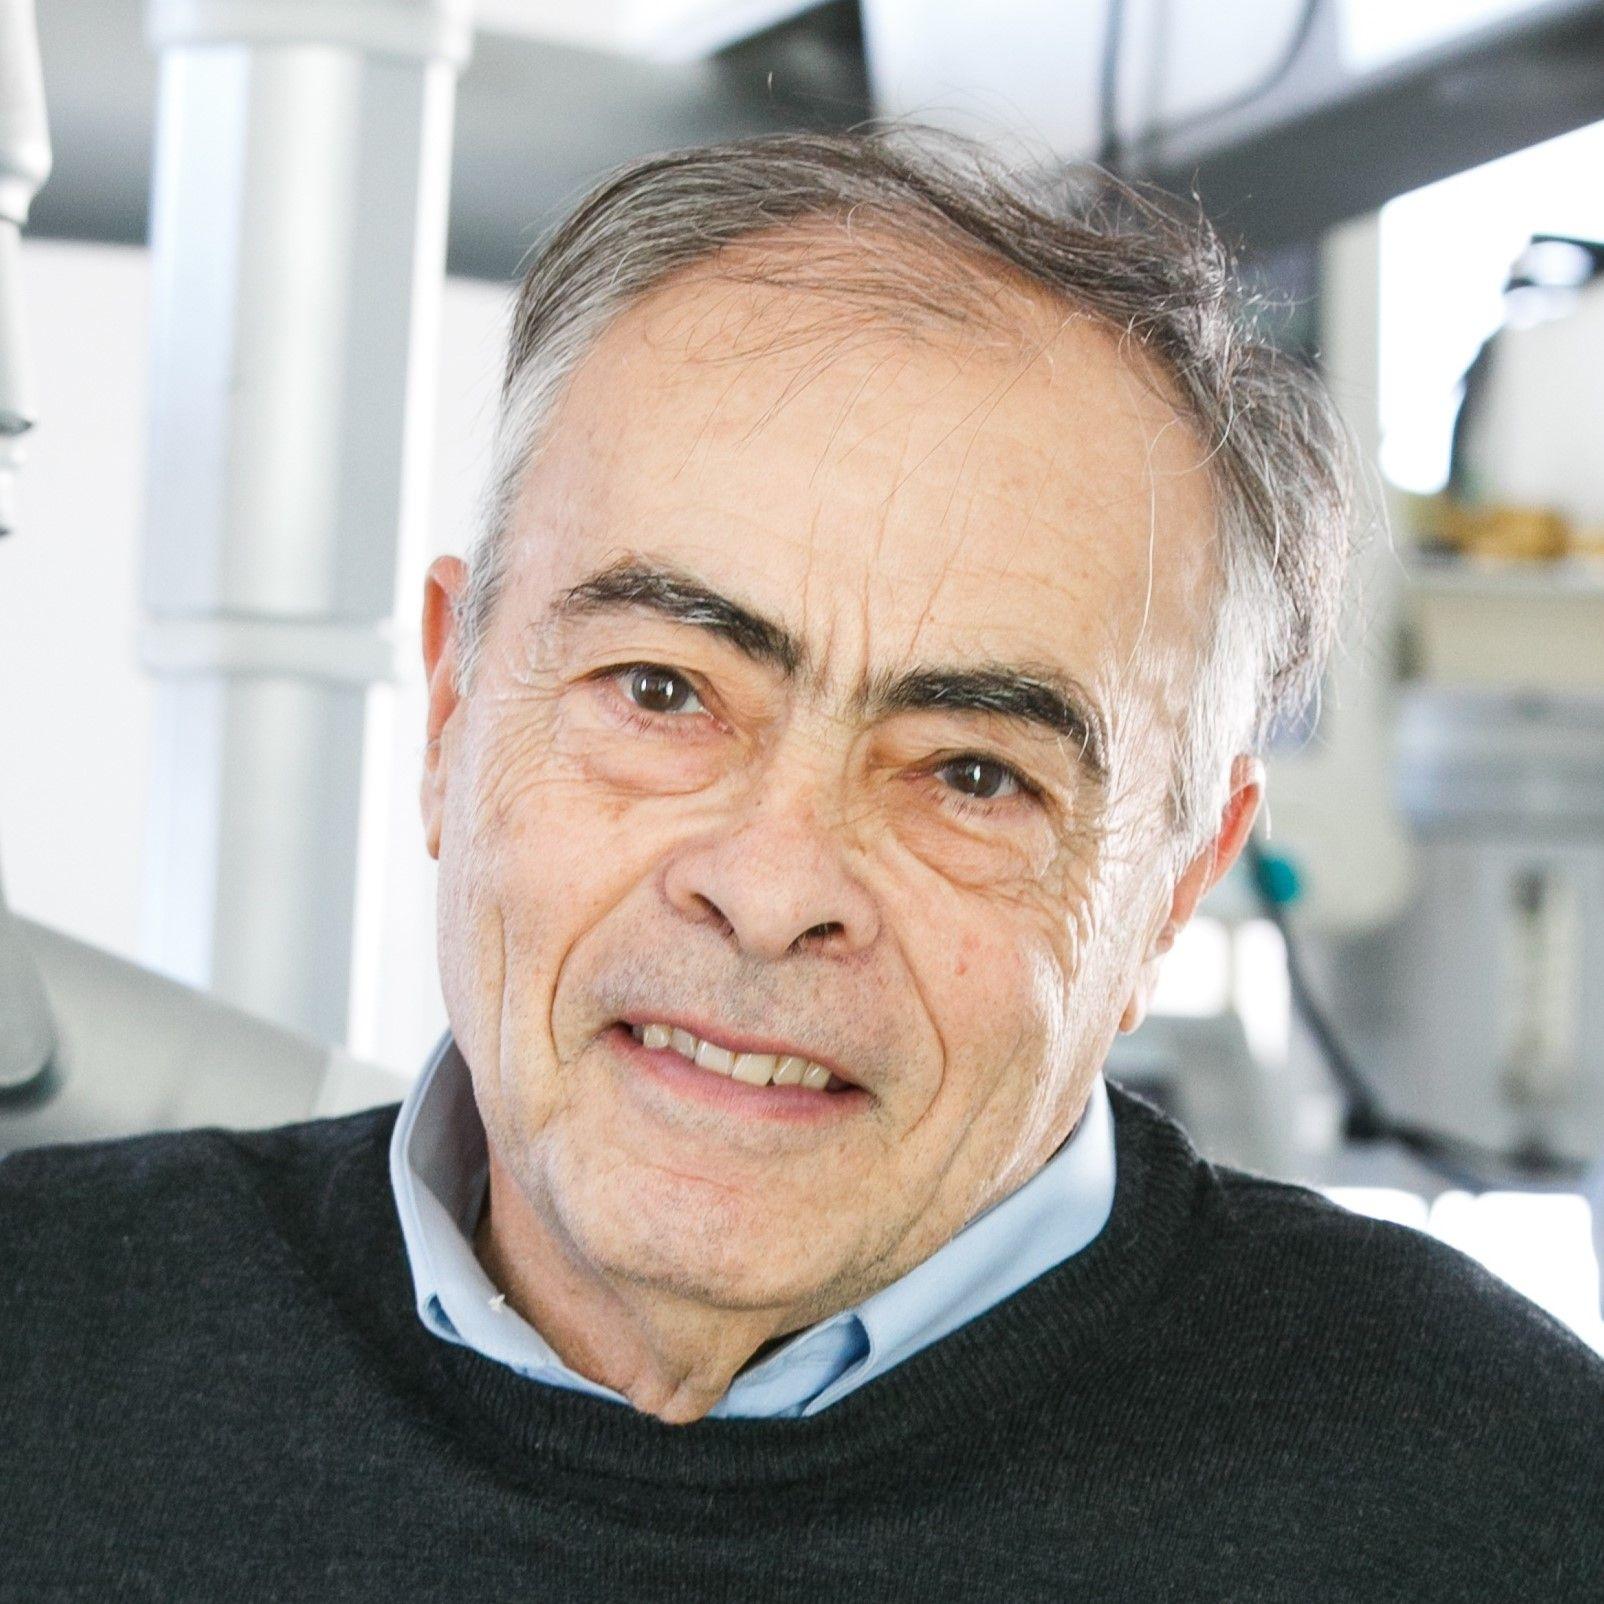 Josep Amat i Girbau